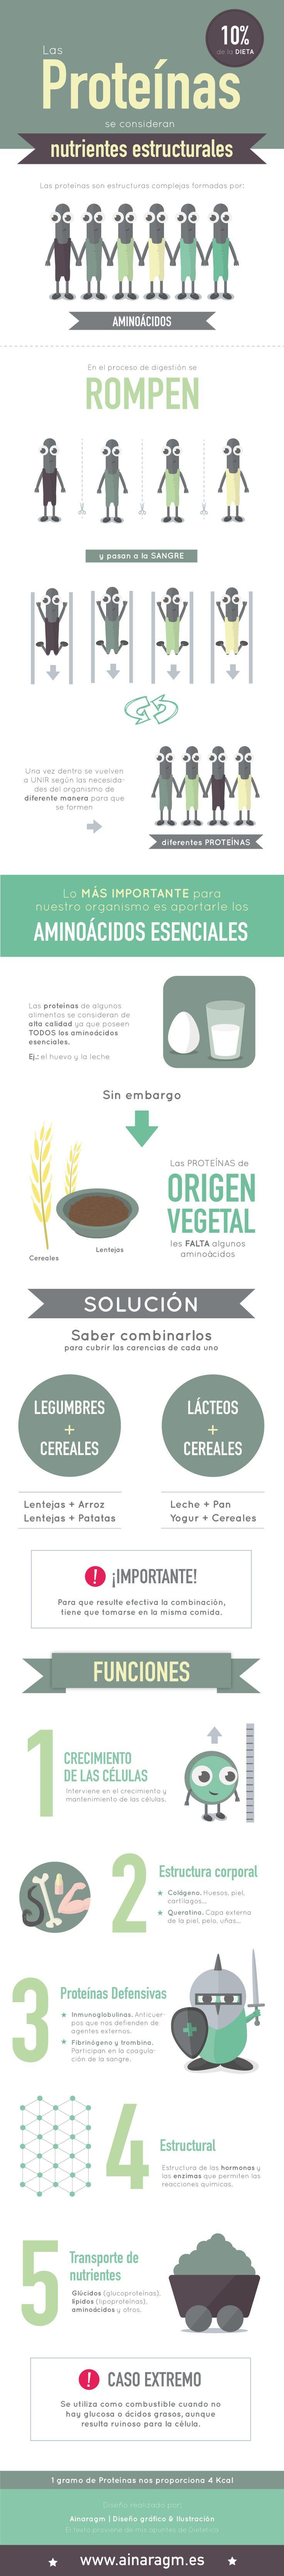 Infografía sobre las proteínas